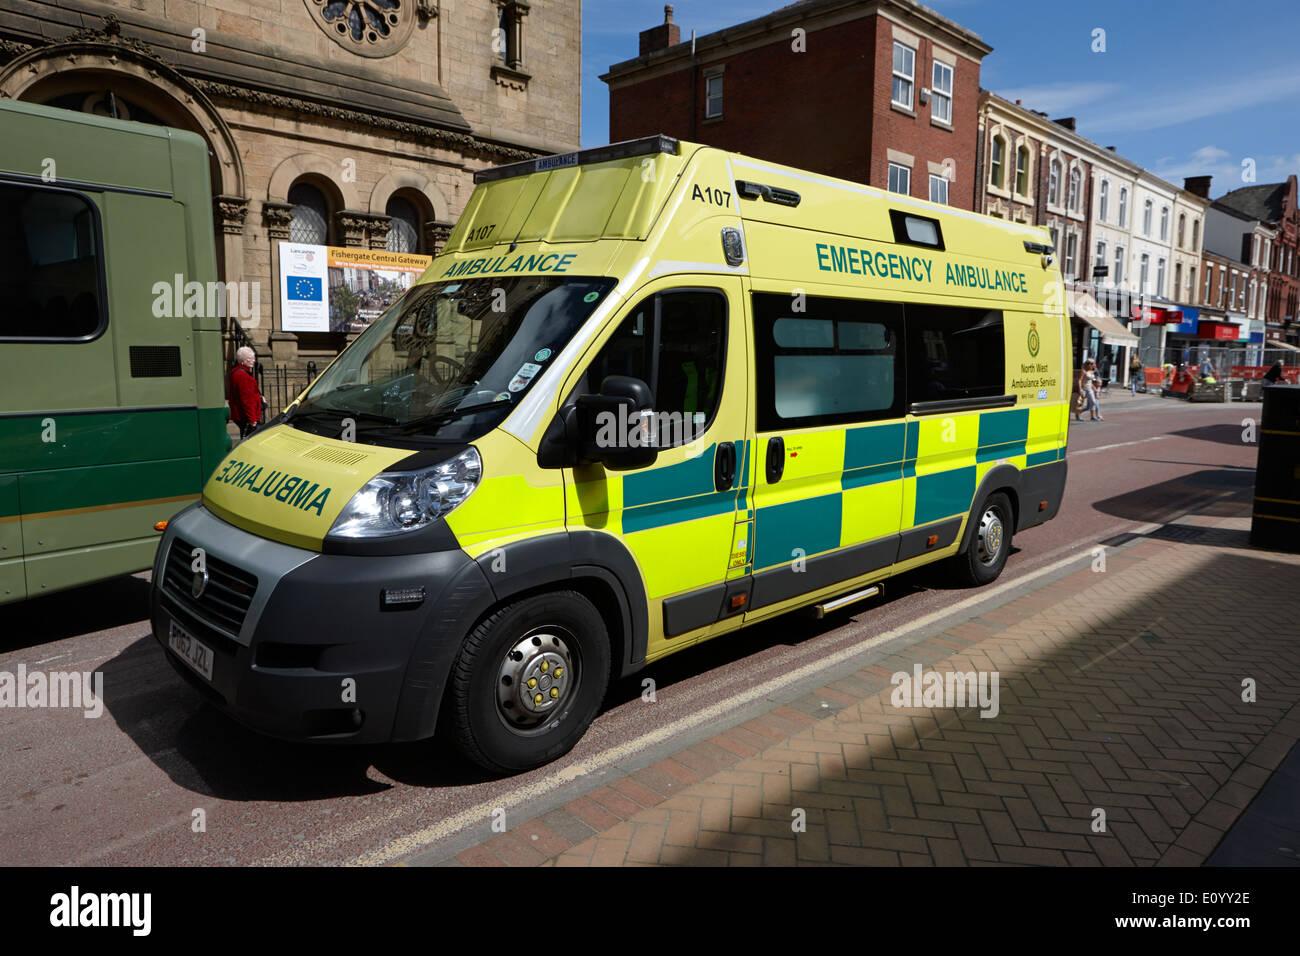 north west ambulance service emergency ambulance on fishergate Preston Lancashire UK - Stock Image